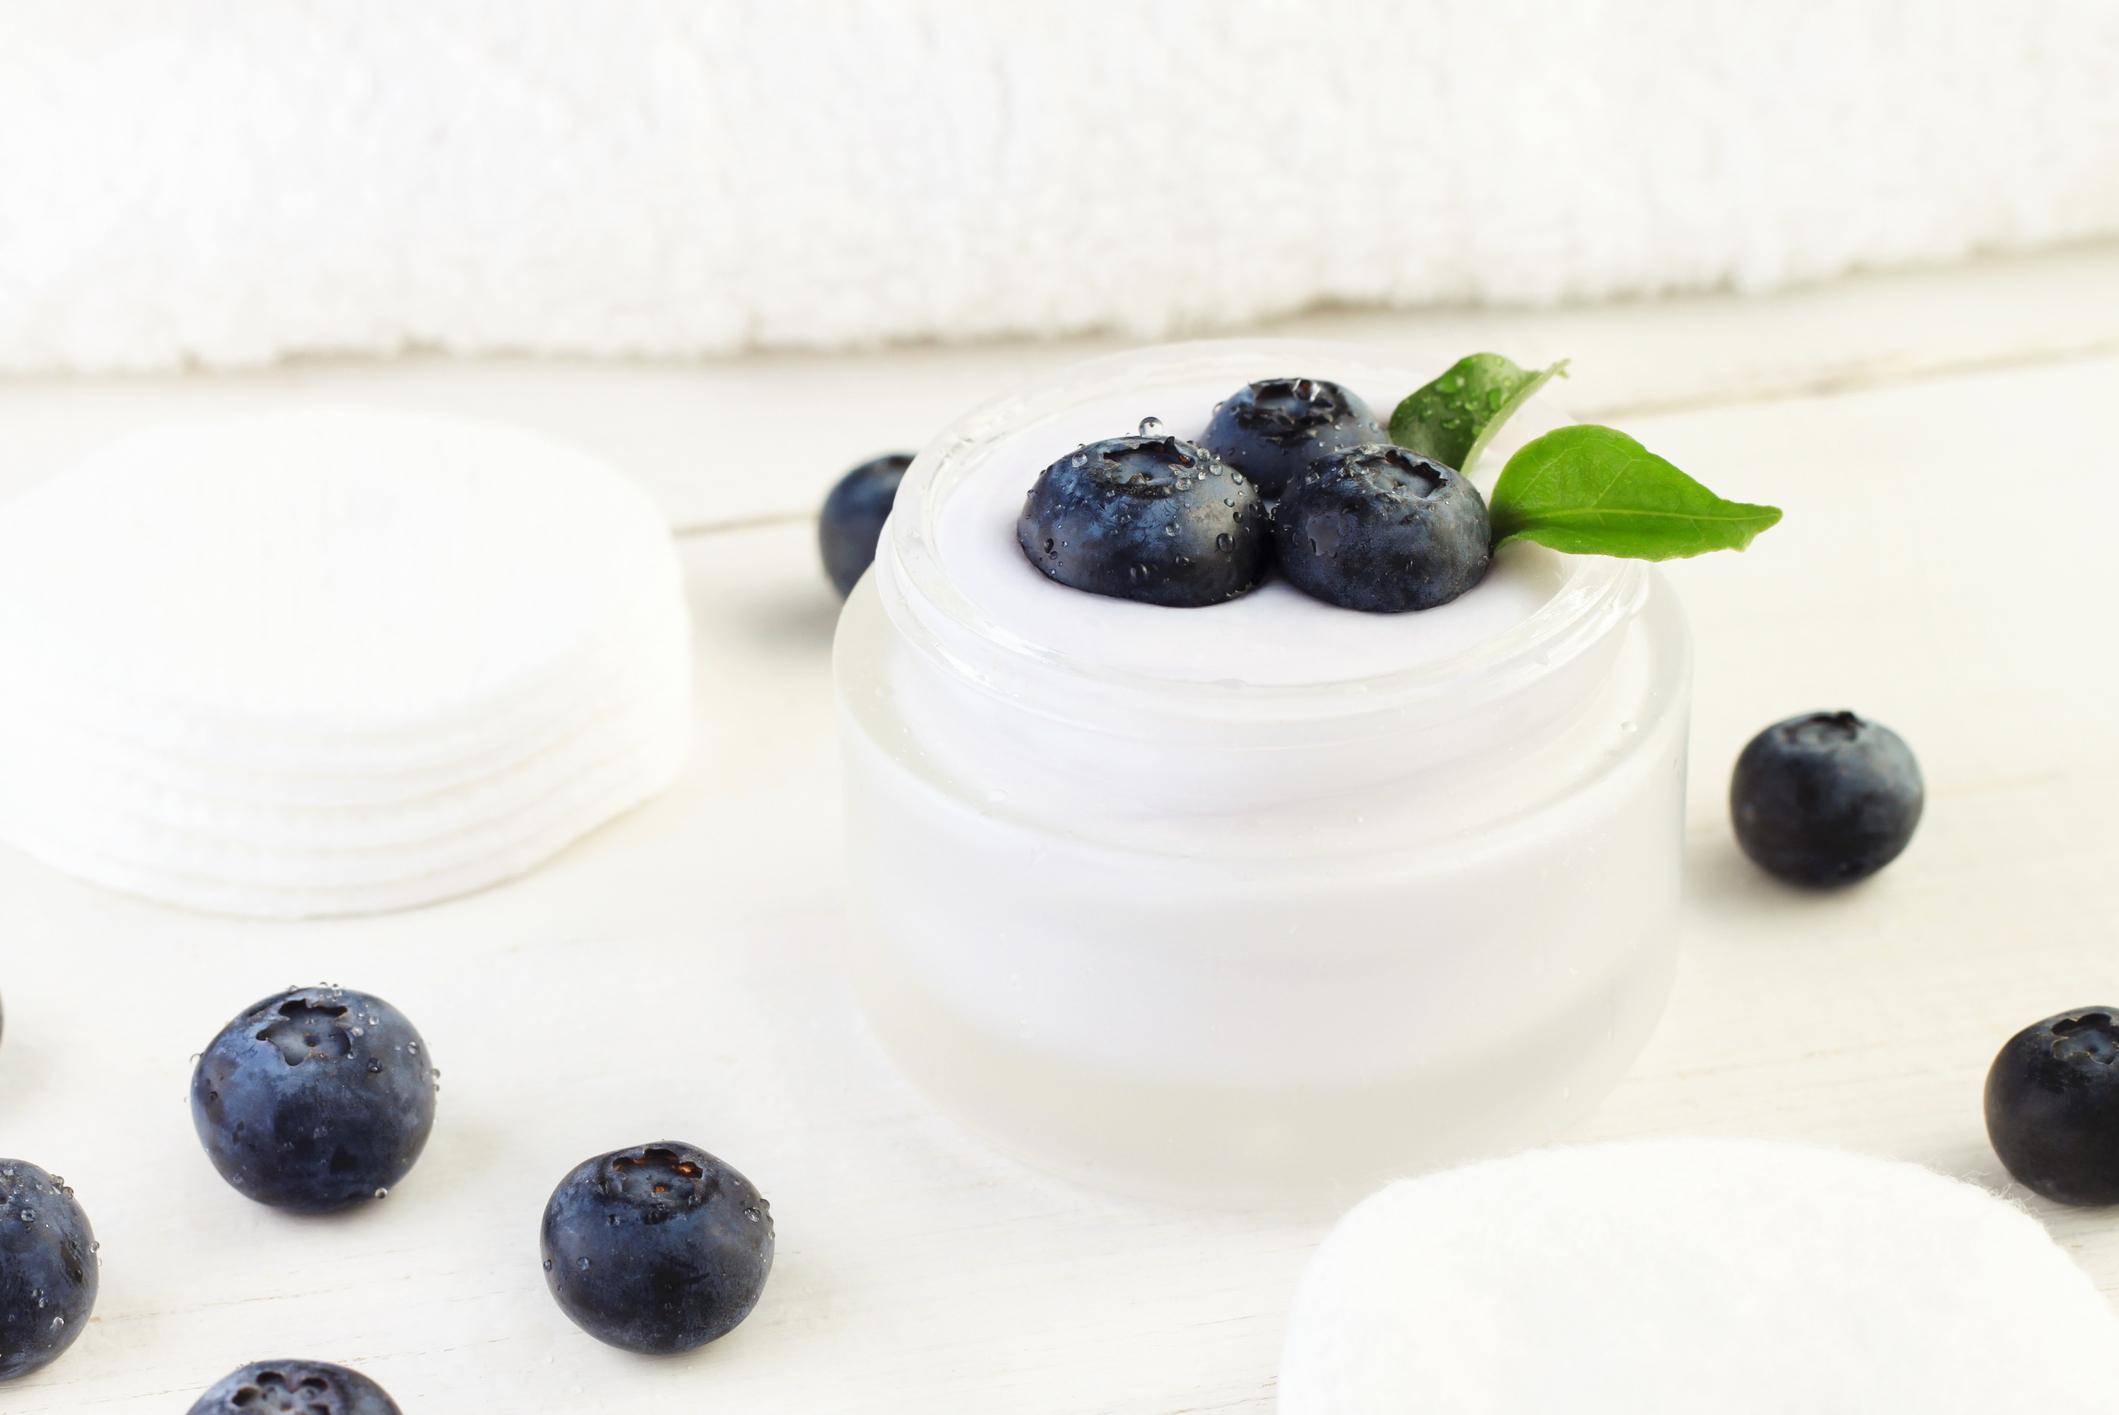 Melhores ativos naturais para pele oleosa - mirtilo